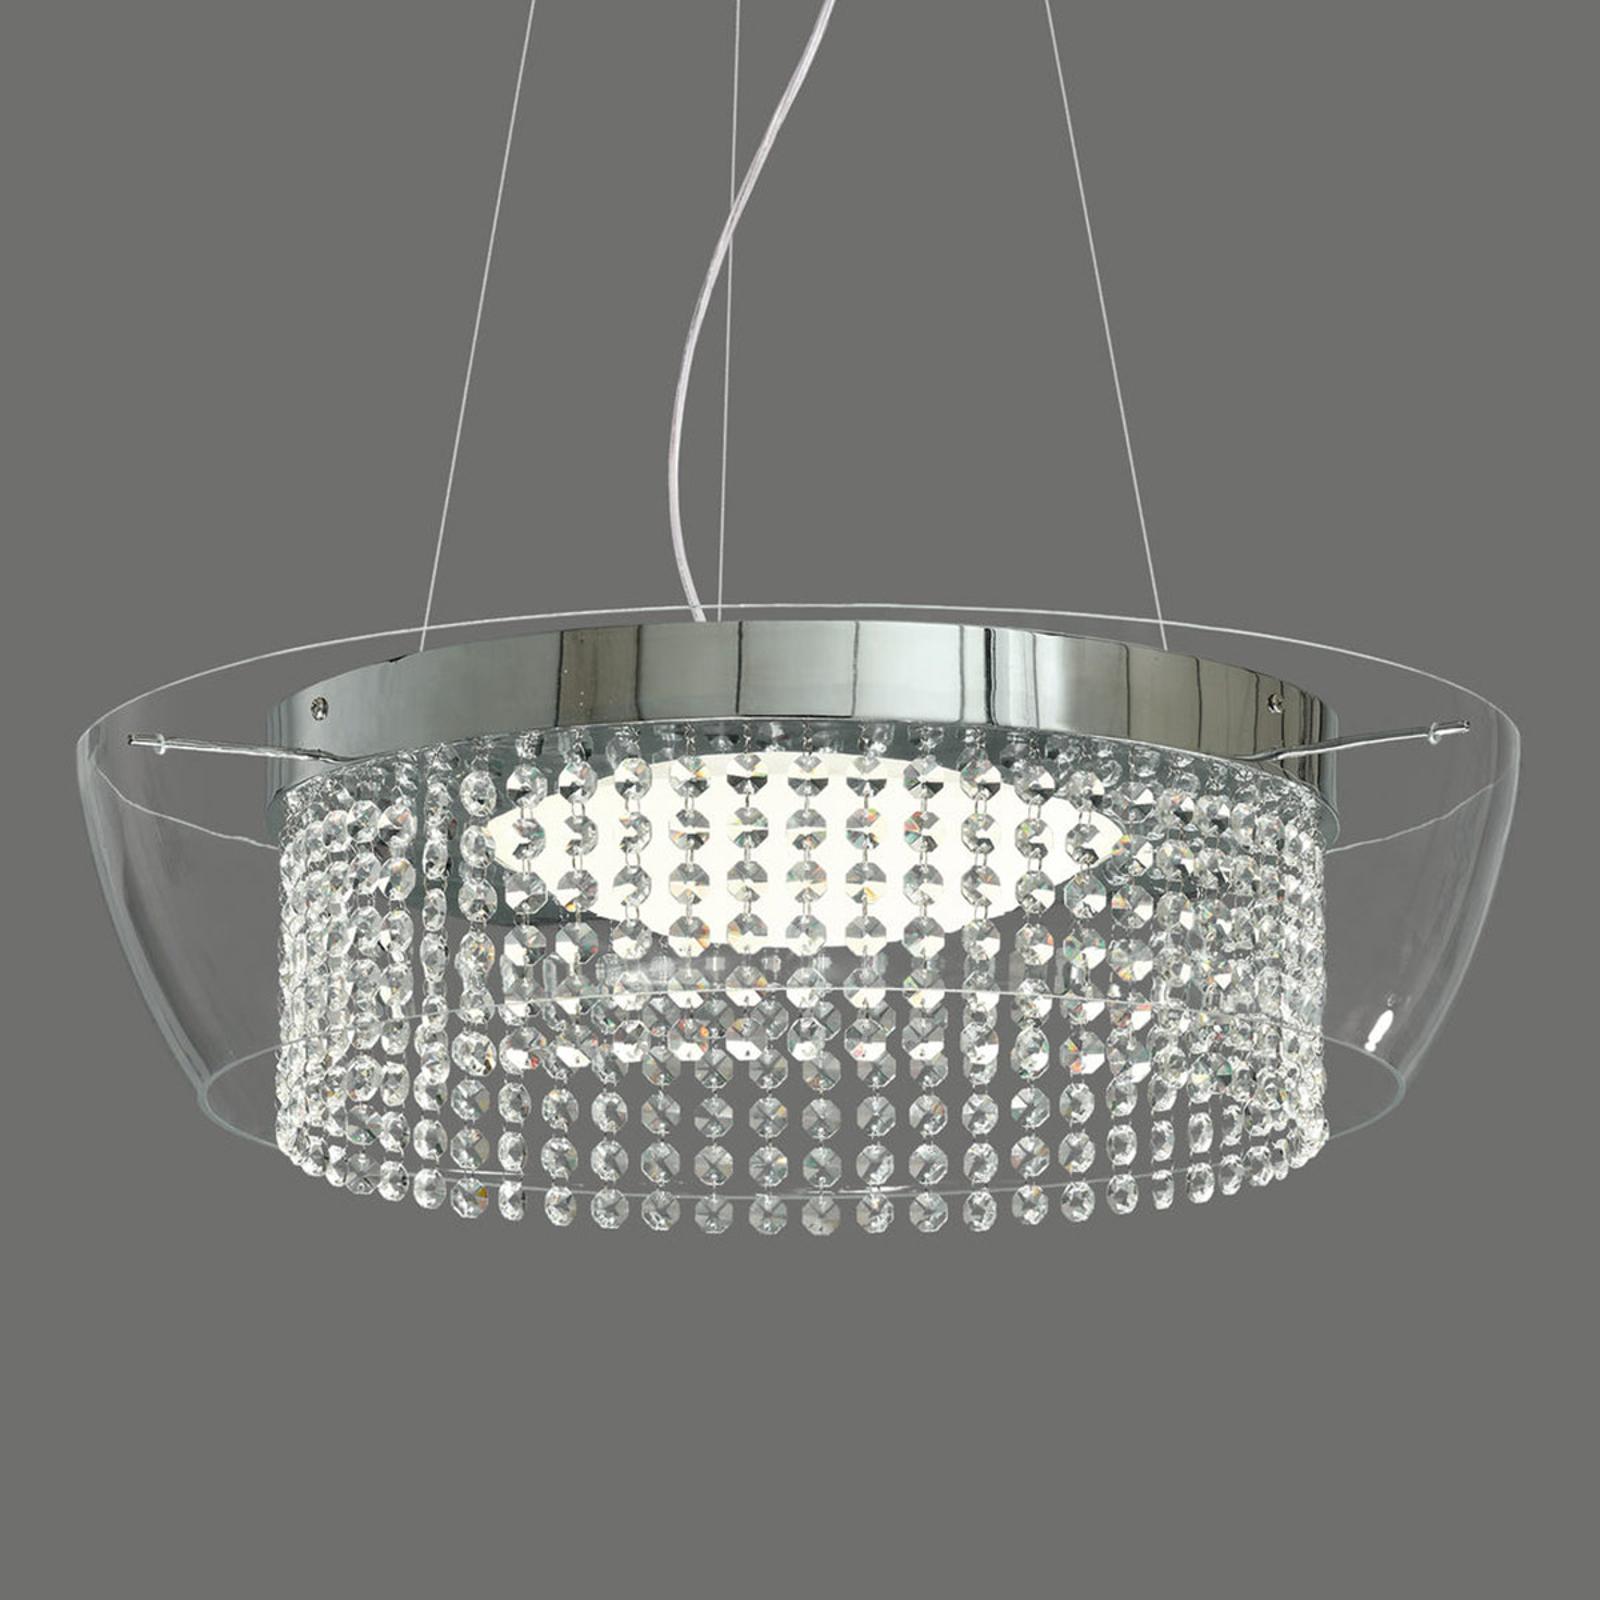 Ital - LED-Pendelleuchte mit Kristallen